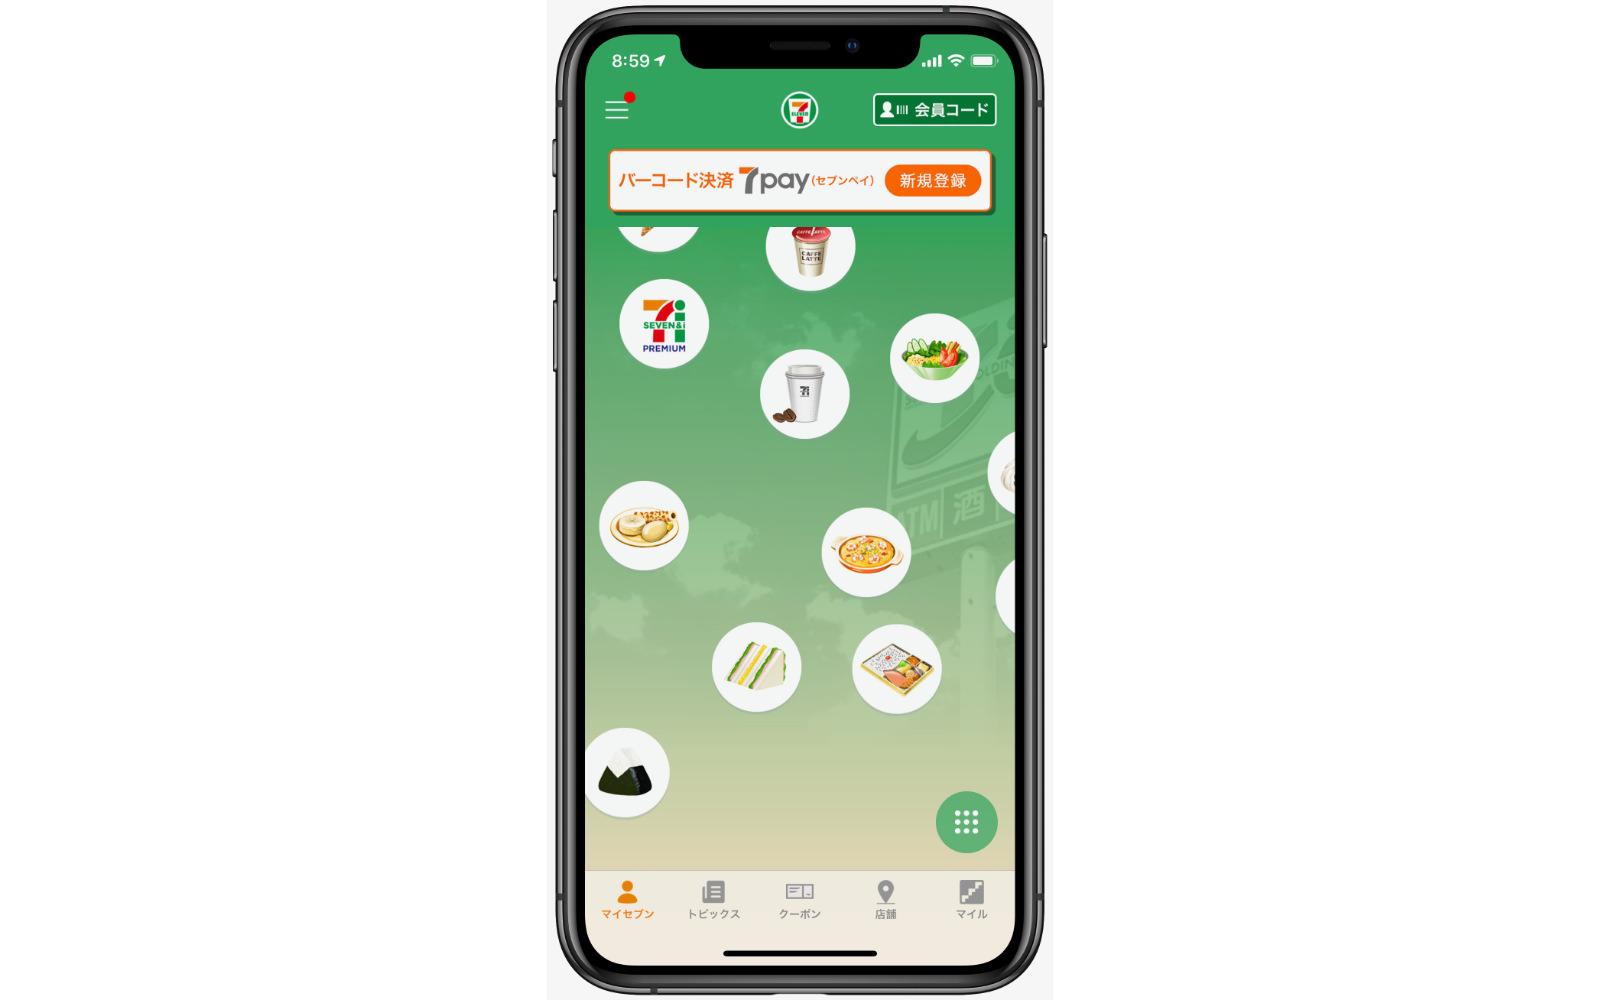 Seven-Pay-App.jpg